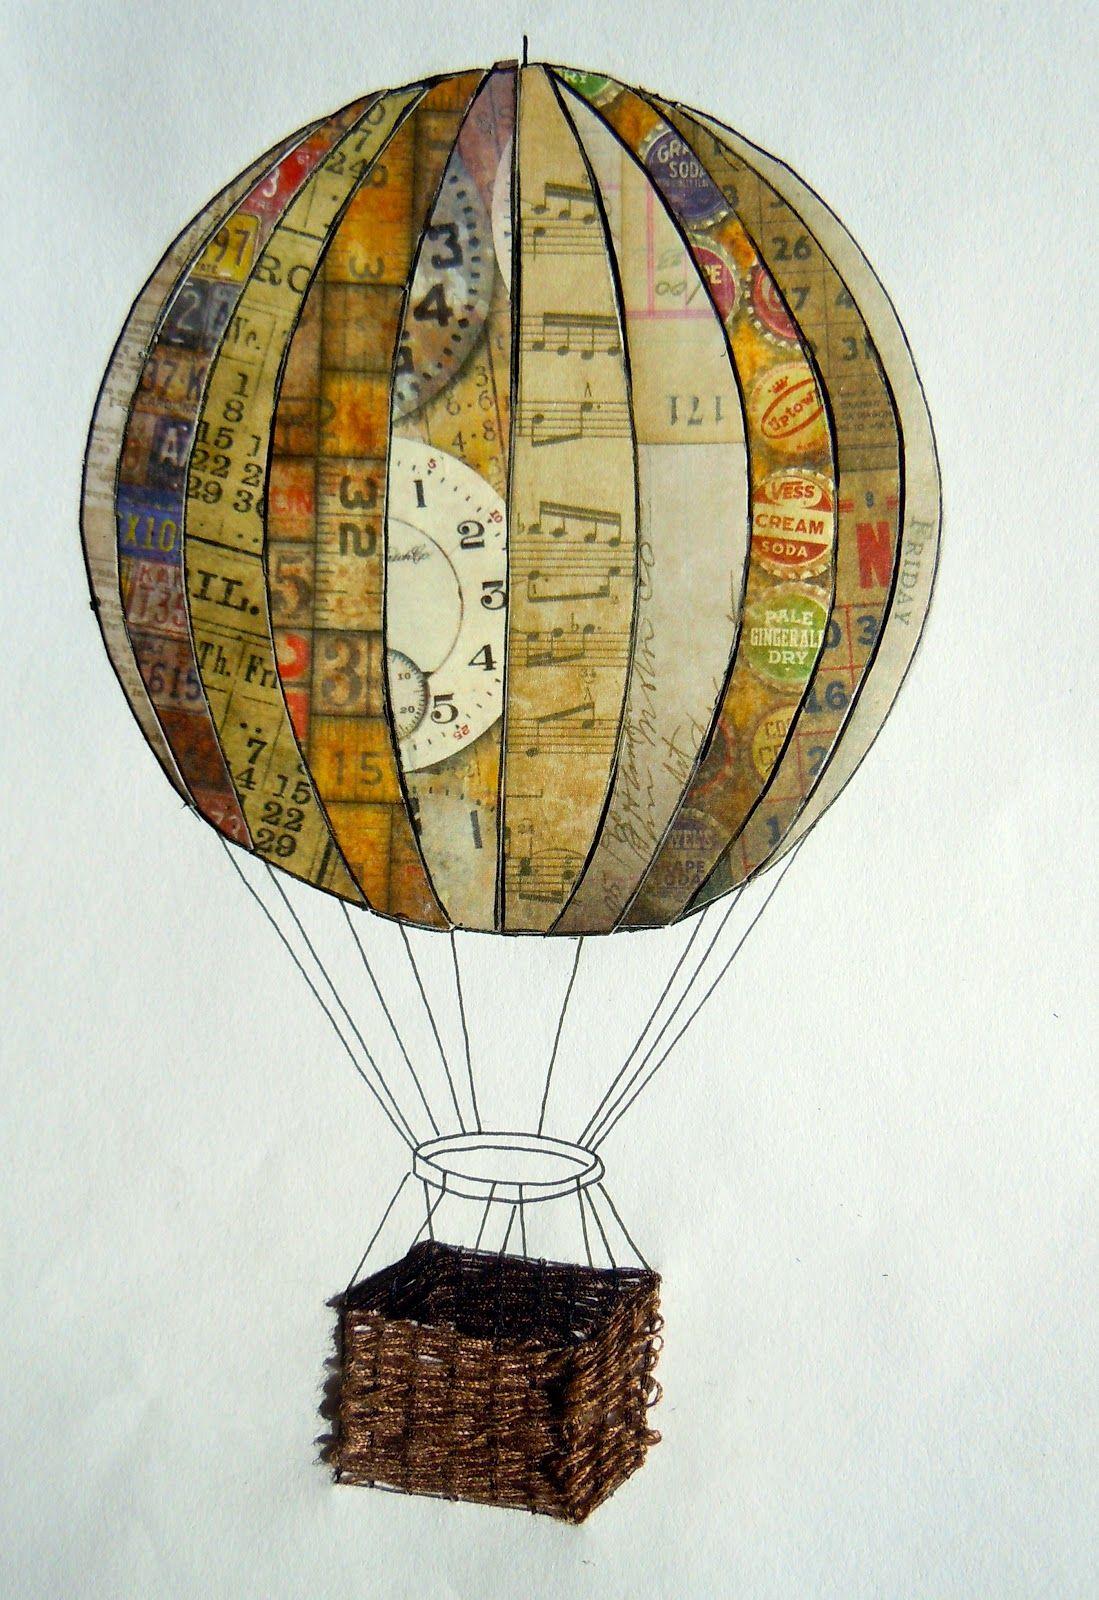 рисунок на воздушном шаре своими руками инструмент